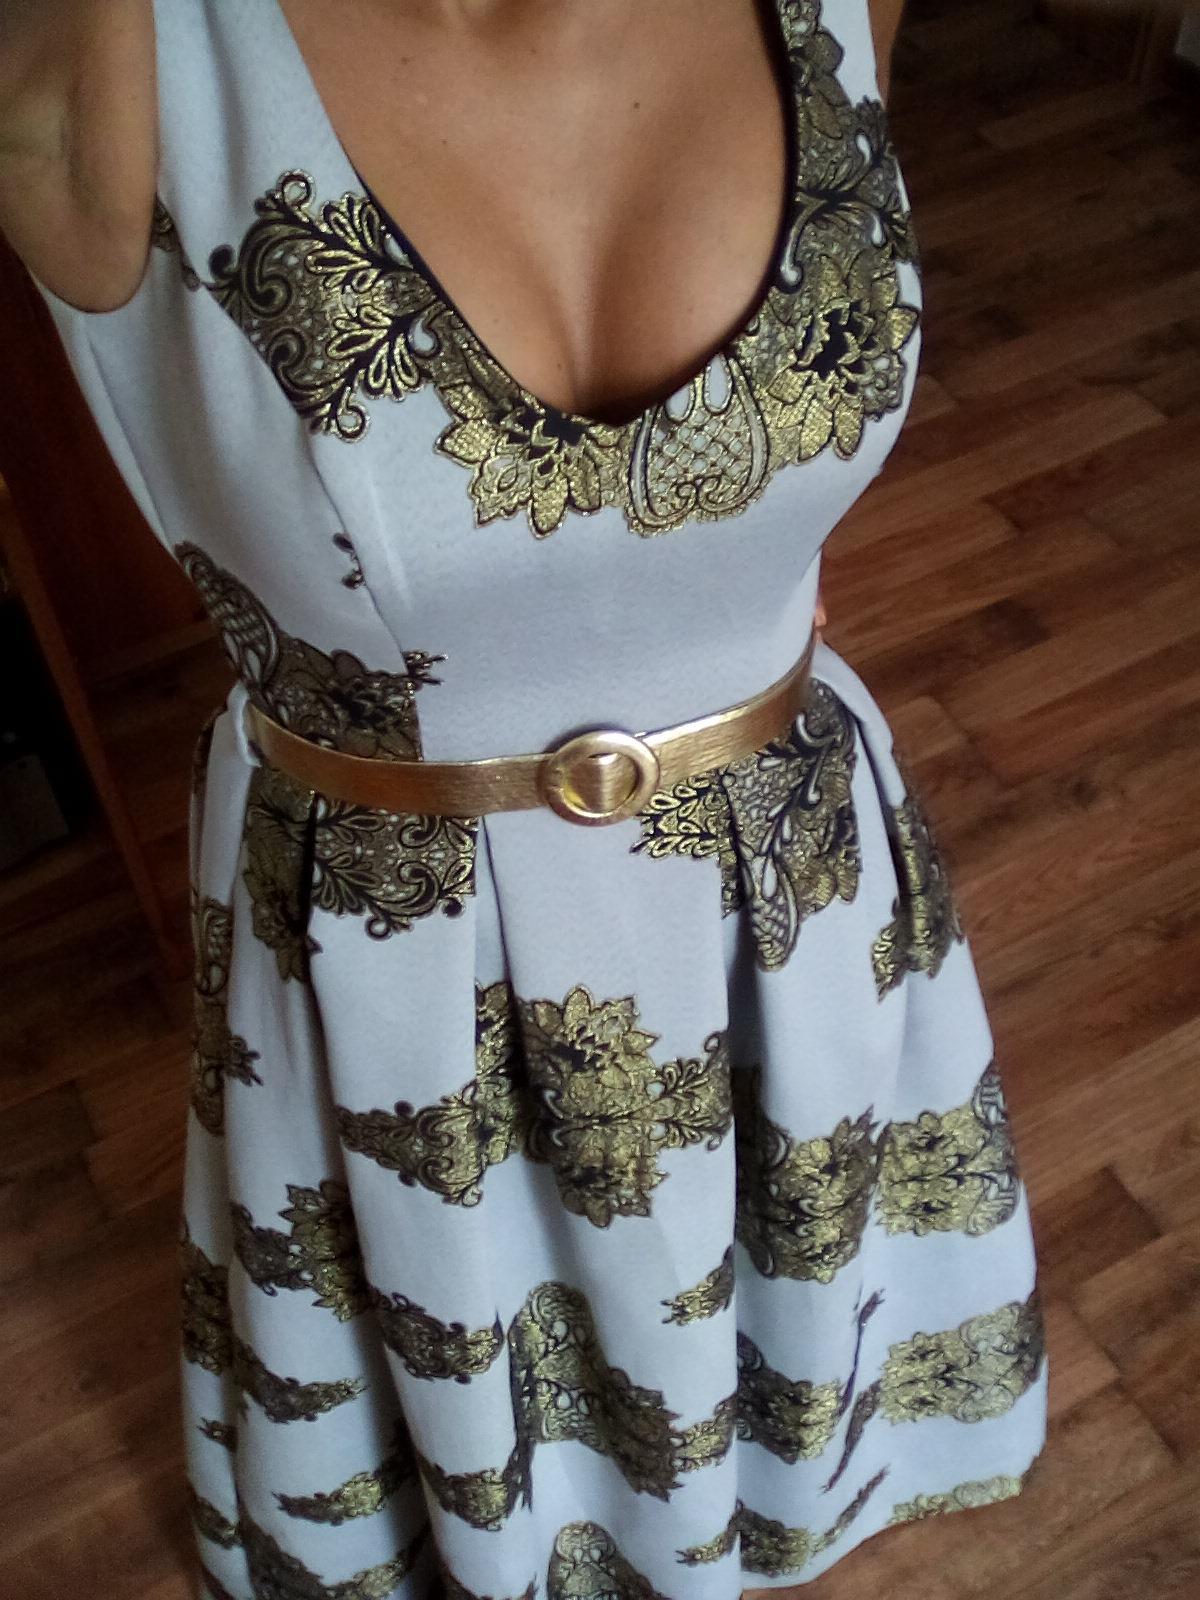 Baby prosim Vas poradte mi :) hodia sa tieto šaty na svadbu kamarátom? Svadbu majú v divadle... a prosim, ake doplnky by ste mi odporucili??? Dakujem vam vopred :) - Obrázok č. 2